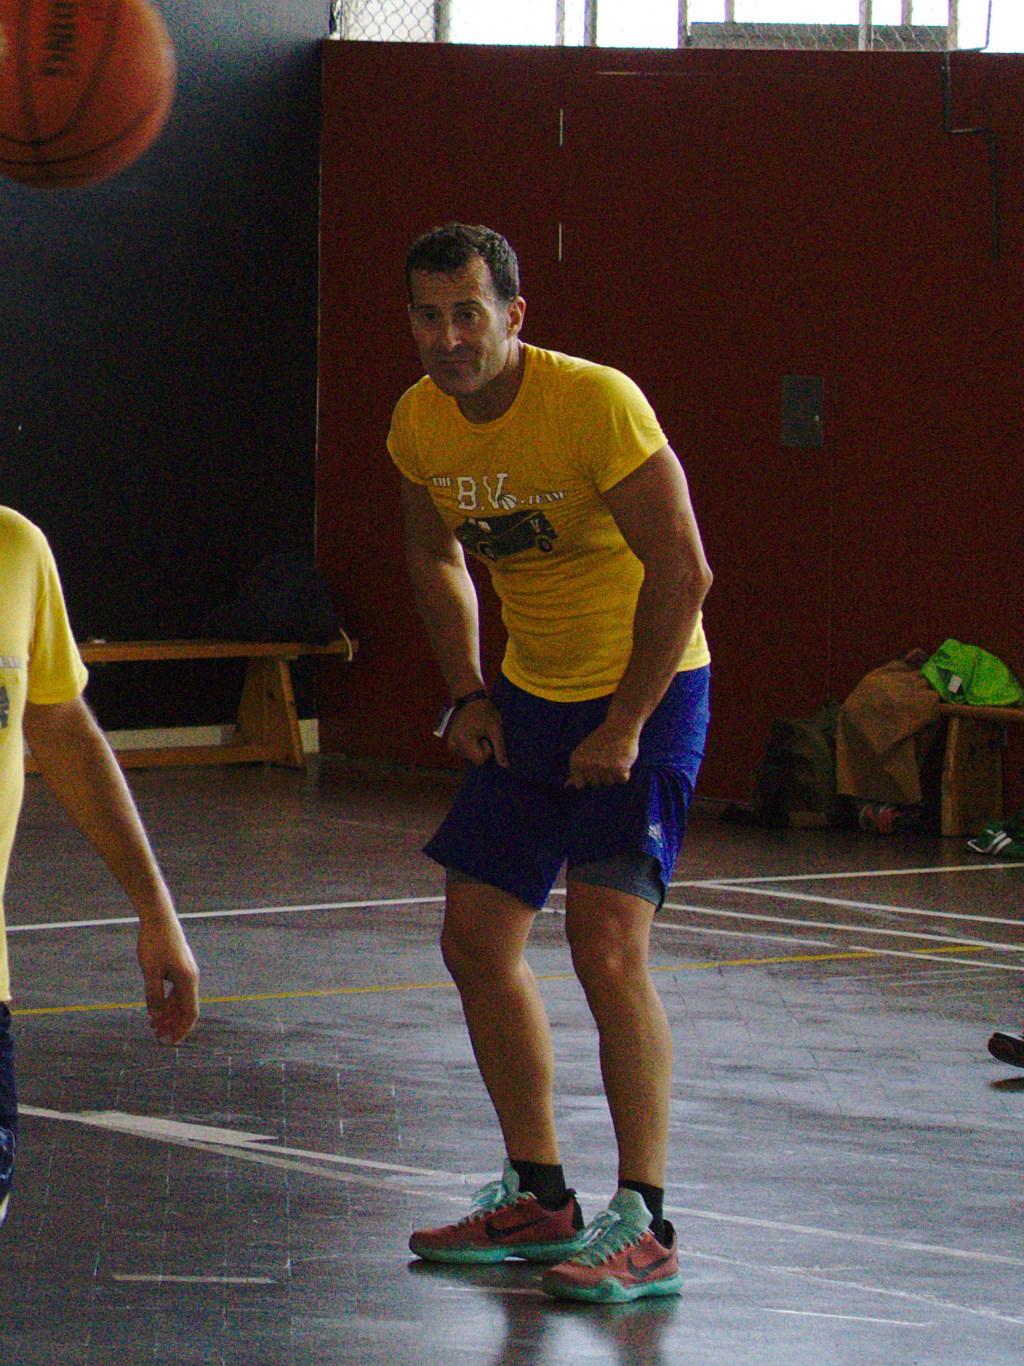 Pachanga De Basket ARF ¡ OTRO AÑO MAS ROCKET CAMPEÓN! - Página 12 Dsc02613